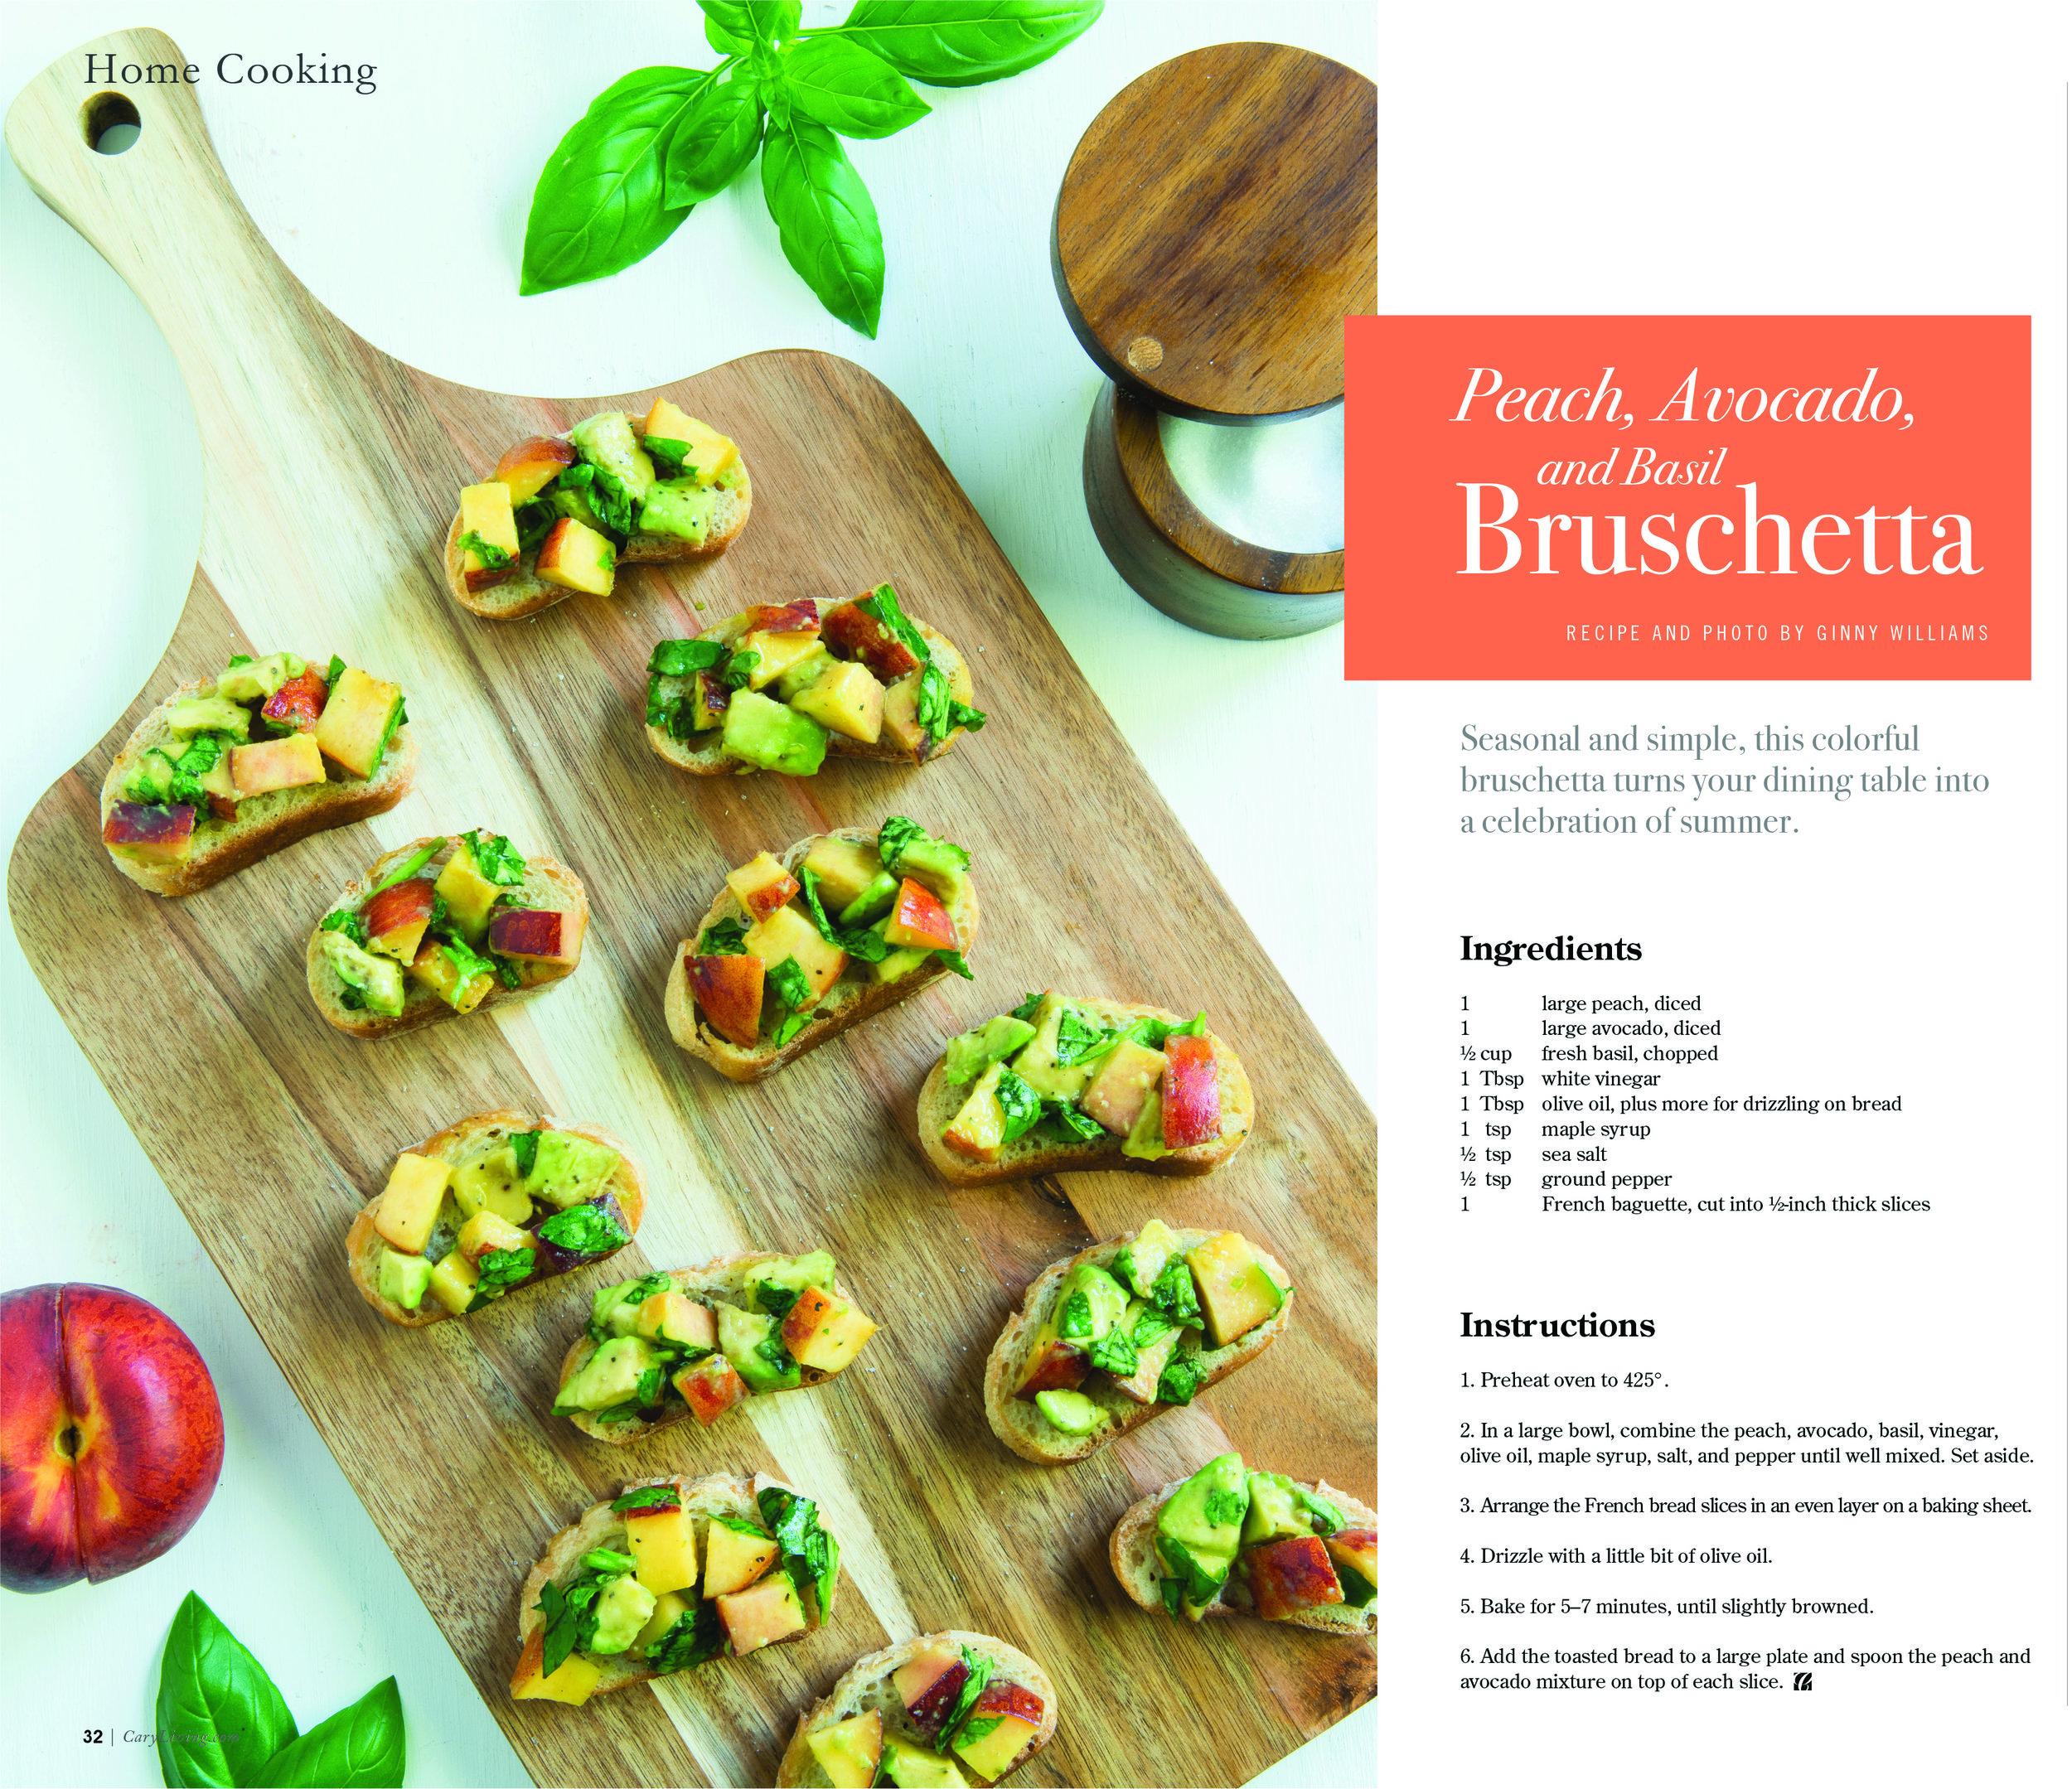 HomeCooking Bruschetta.jpg